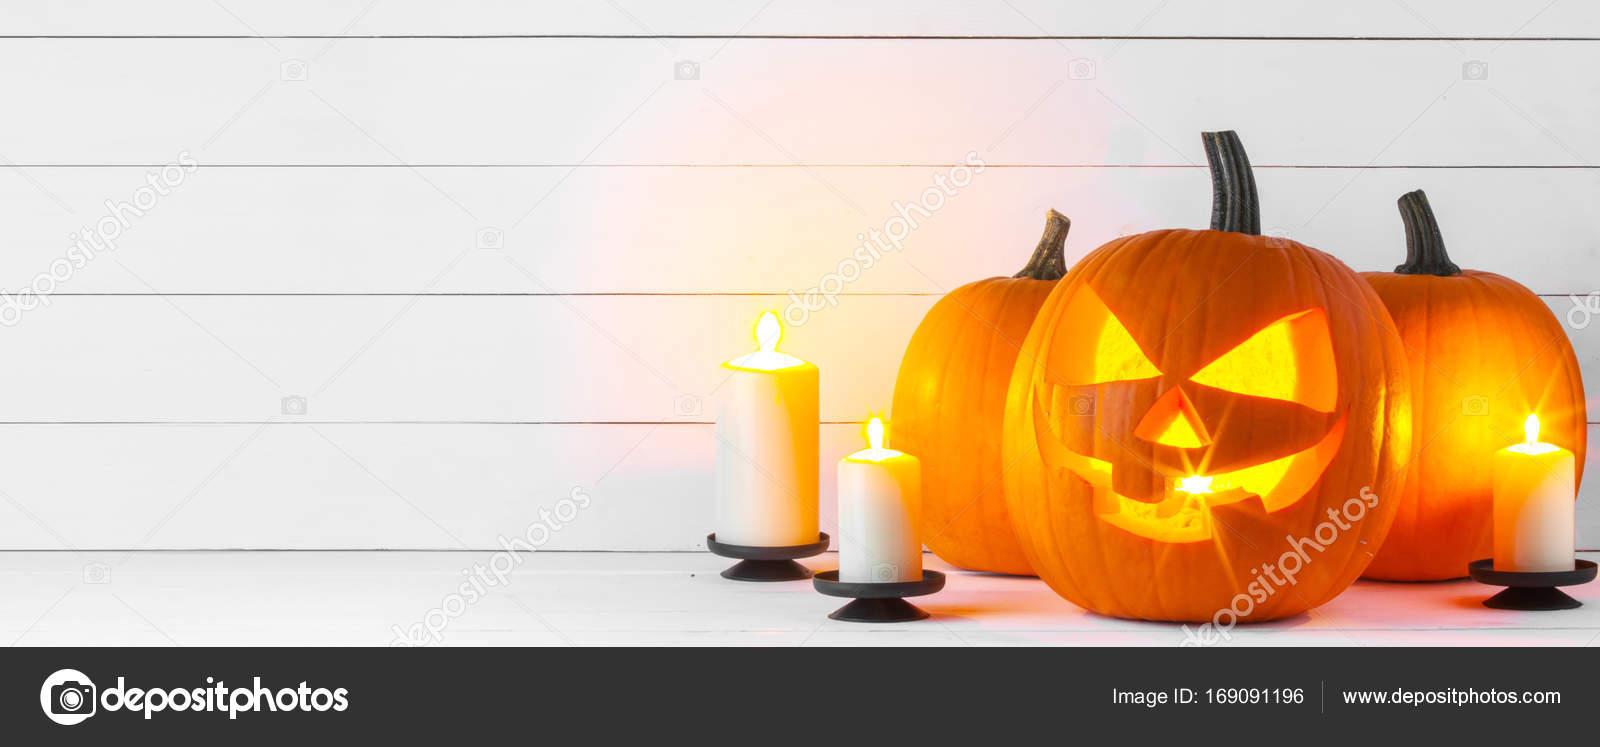 Pompoen En Halloween.Halloween Pompoen En Kaarsen Stockfoto C Yellow2j 169091196